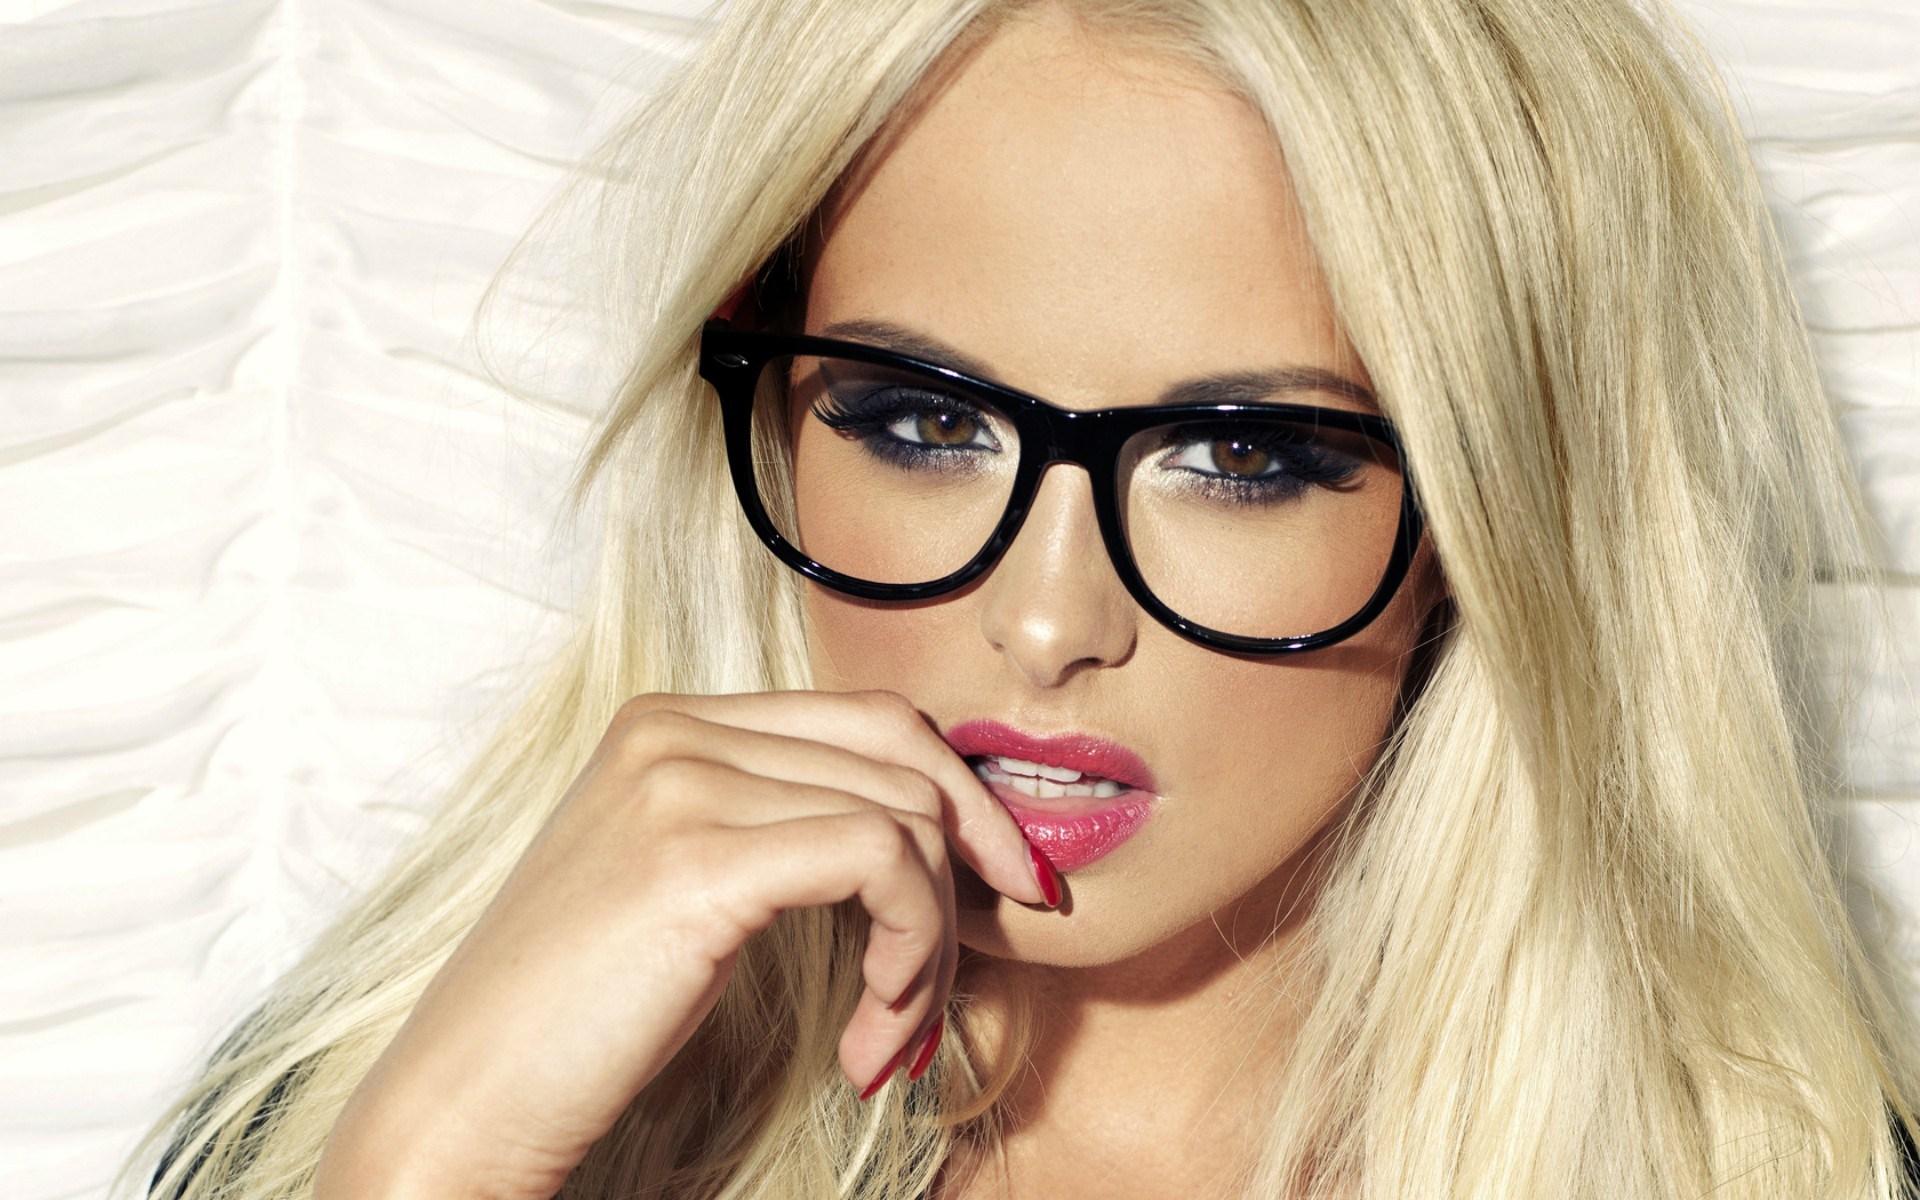 Vis dar madingi akiniai kviečia užsukti į optiką